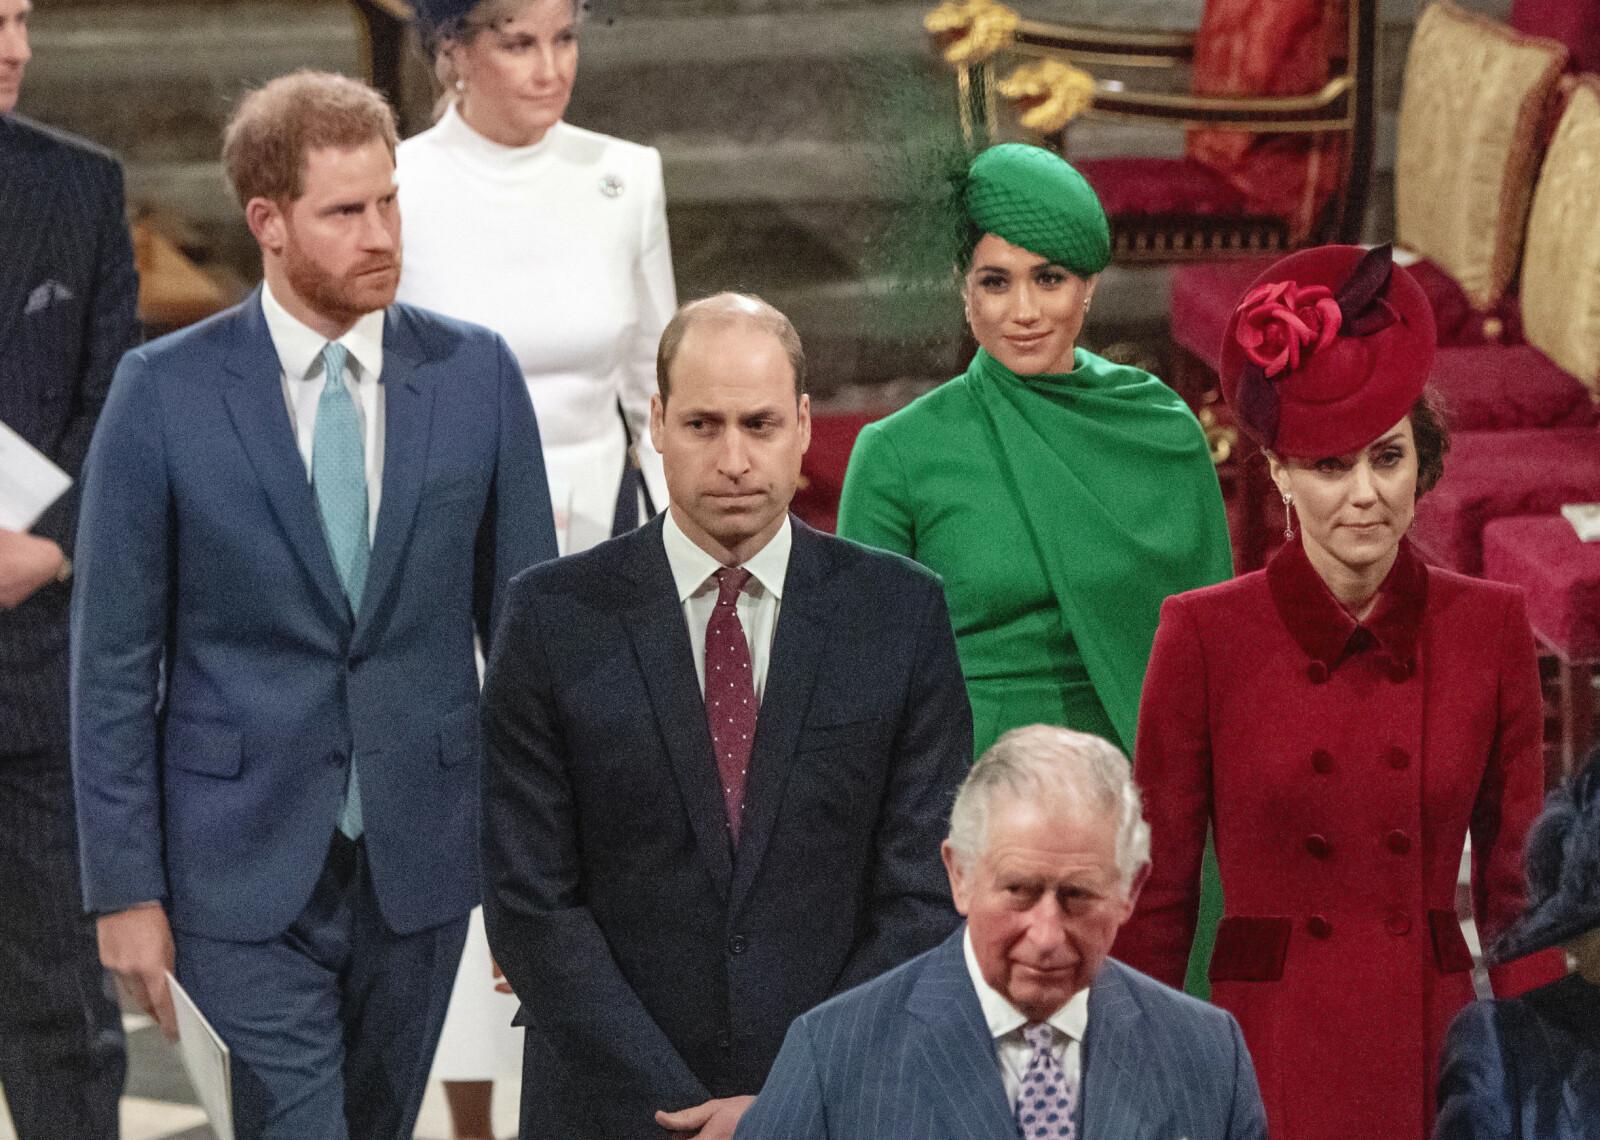 DET SISTE BILDET: I midten av mars deltok Meghan og Harry på det aller siste kongelige oppdraget for det britiske kongehuset, i forbindelse med den årlige Commonwealth Day Service i Westminster Abbey i London. I den ferske boken kommer det frem at hertuginne Kate gjorde alt for å holde avstand fra svigerinnen. FOTO: NTB scanpix